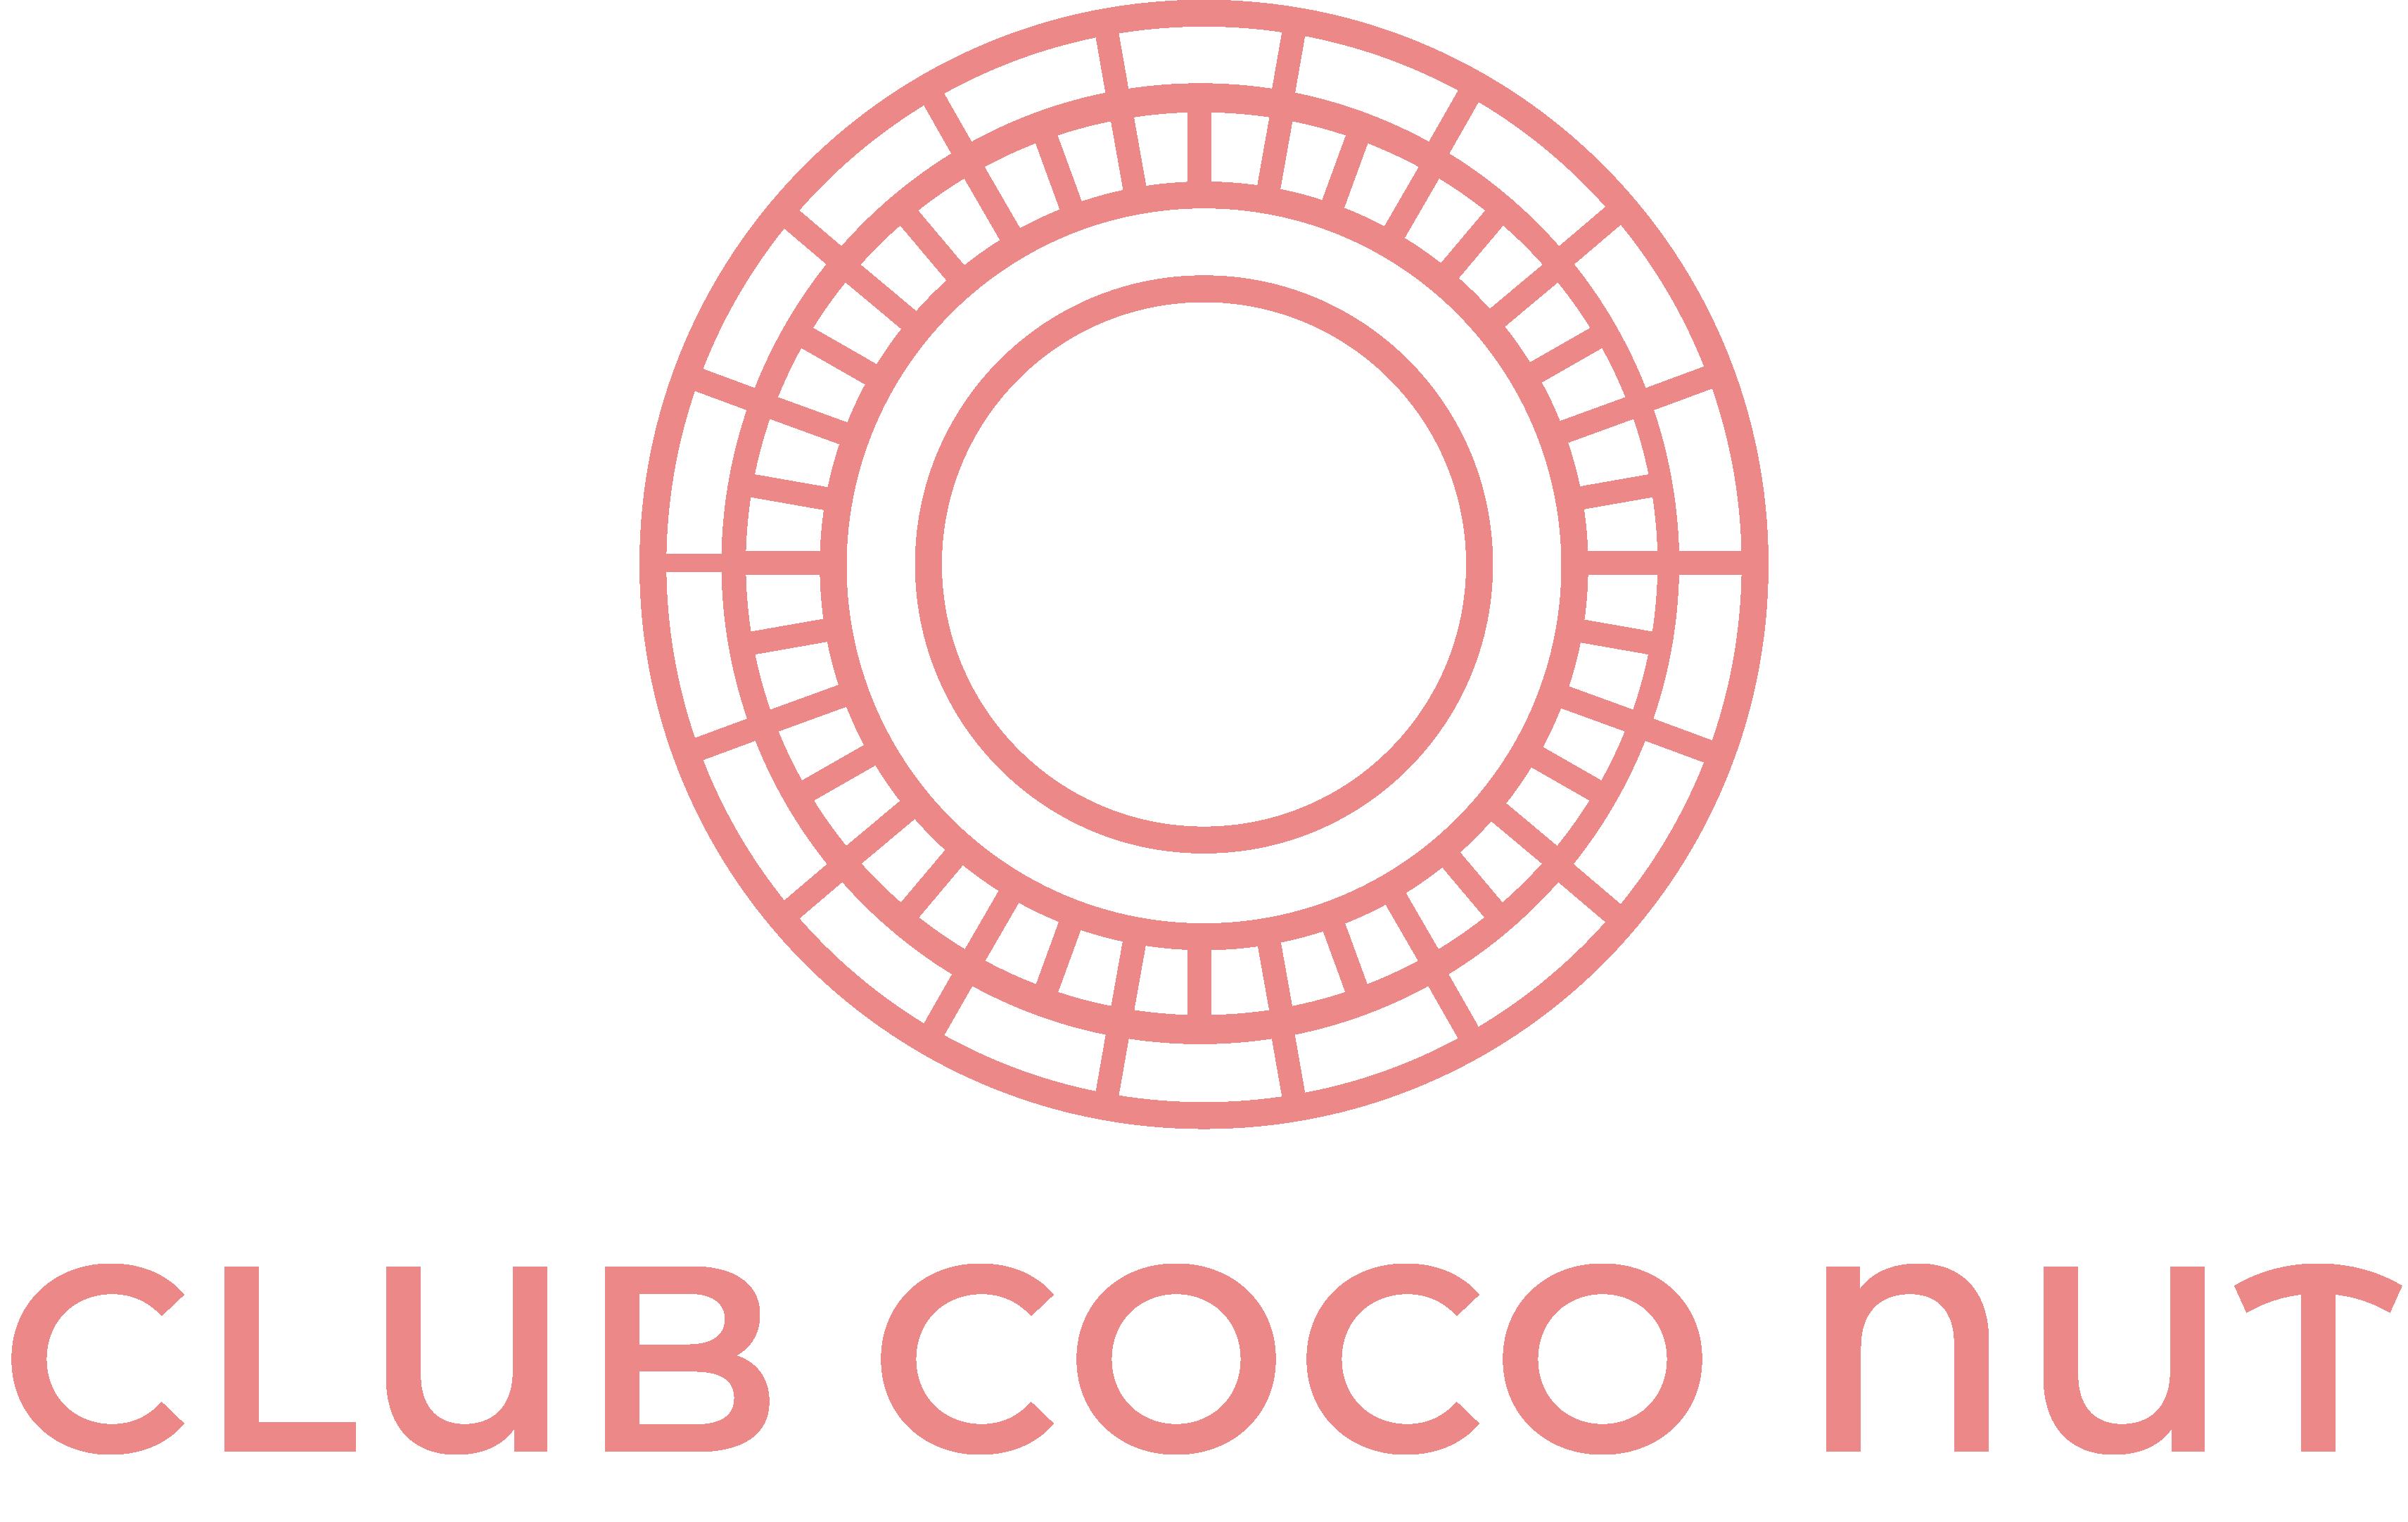 Club Coco Nut logo